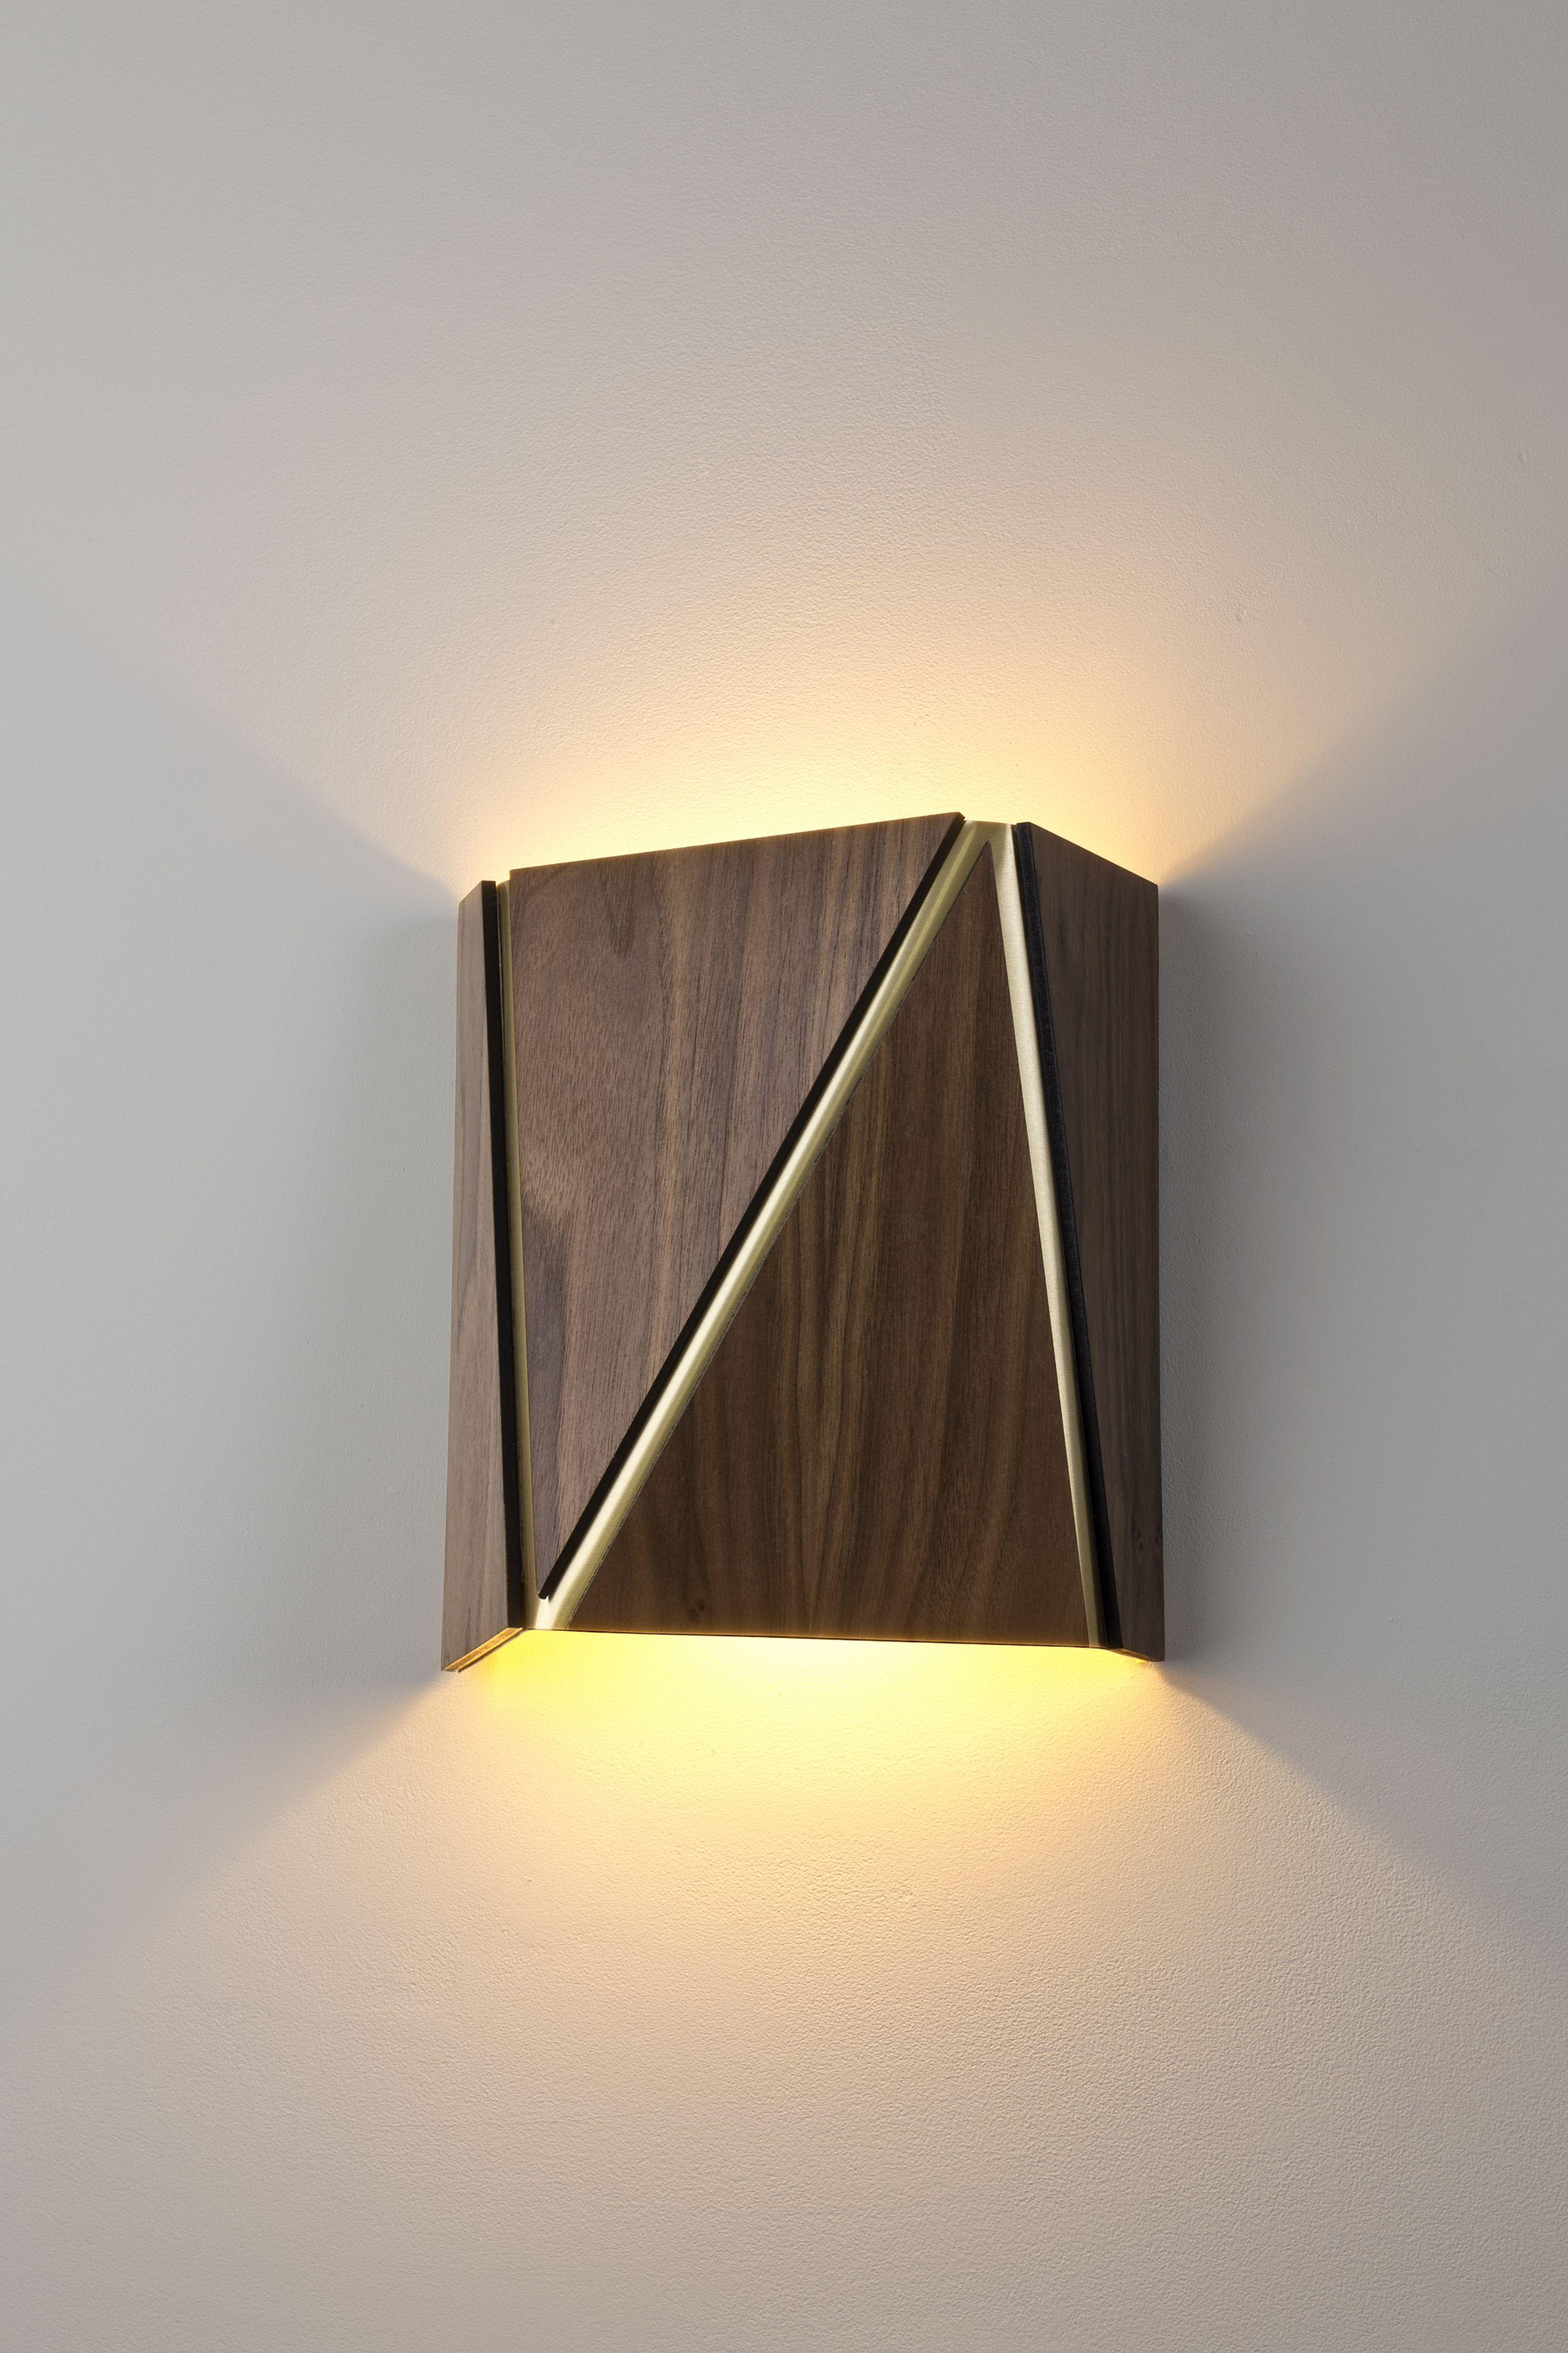 Calx sconce cerno Đèn pinterest lights lighting design and woods